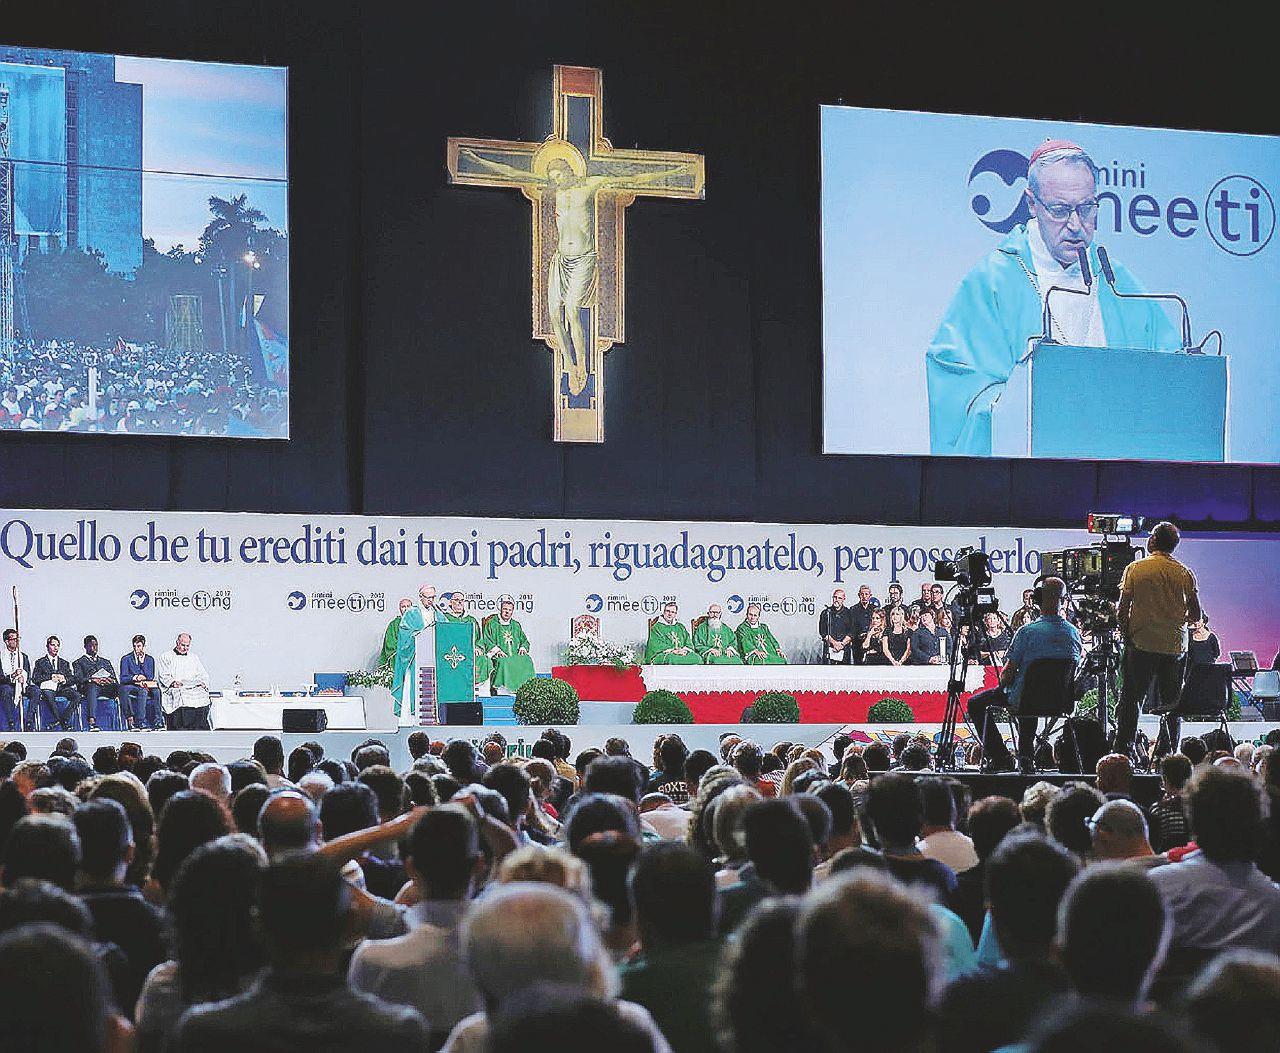 Politica addio, rimane il business: il Meeting cancella don Giussani